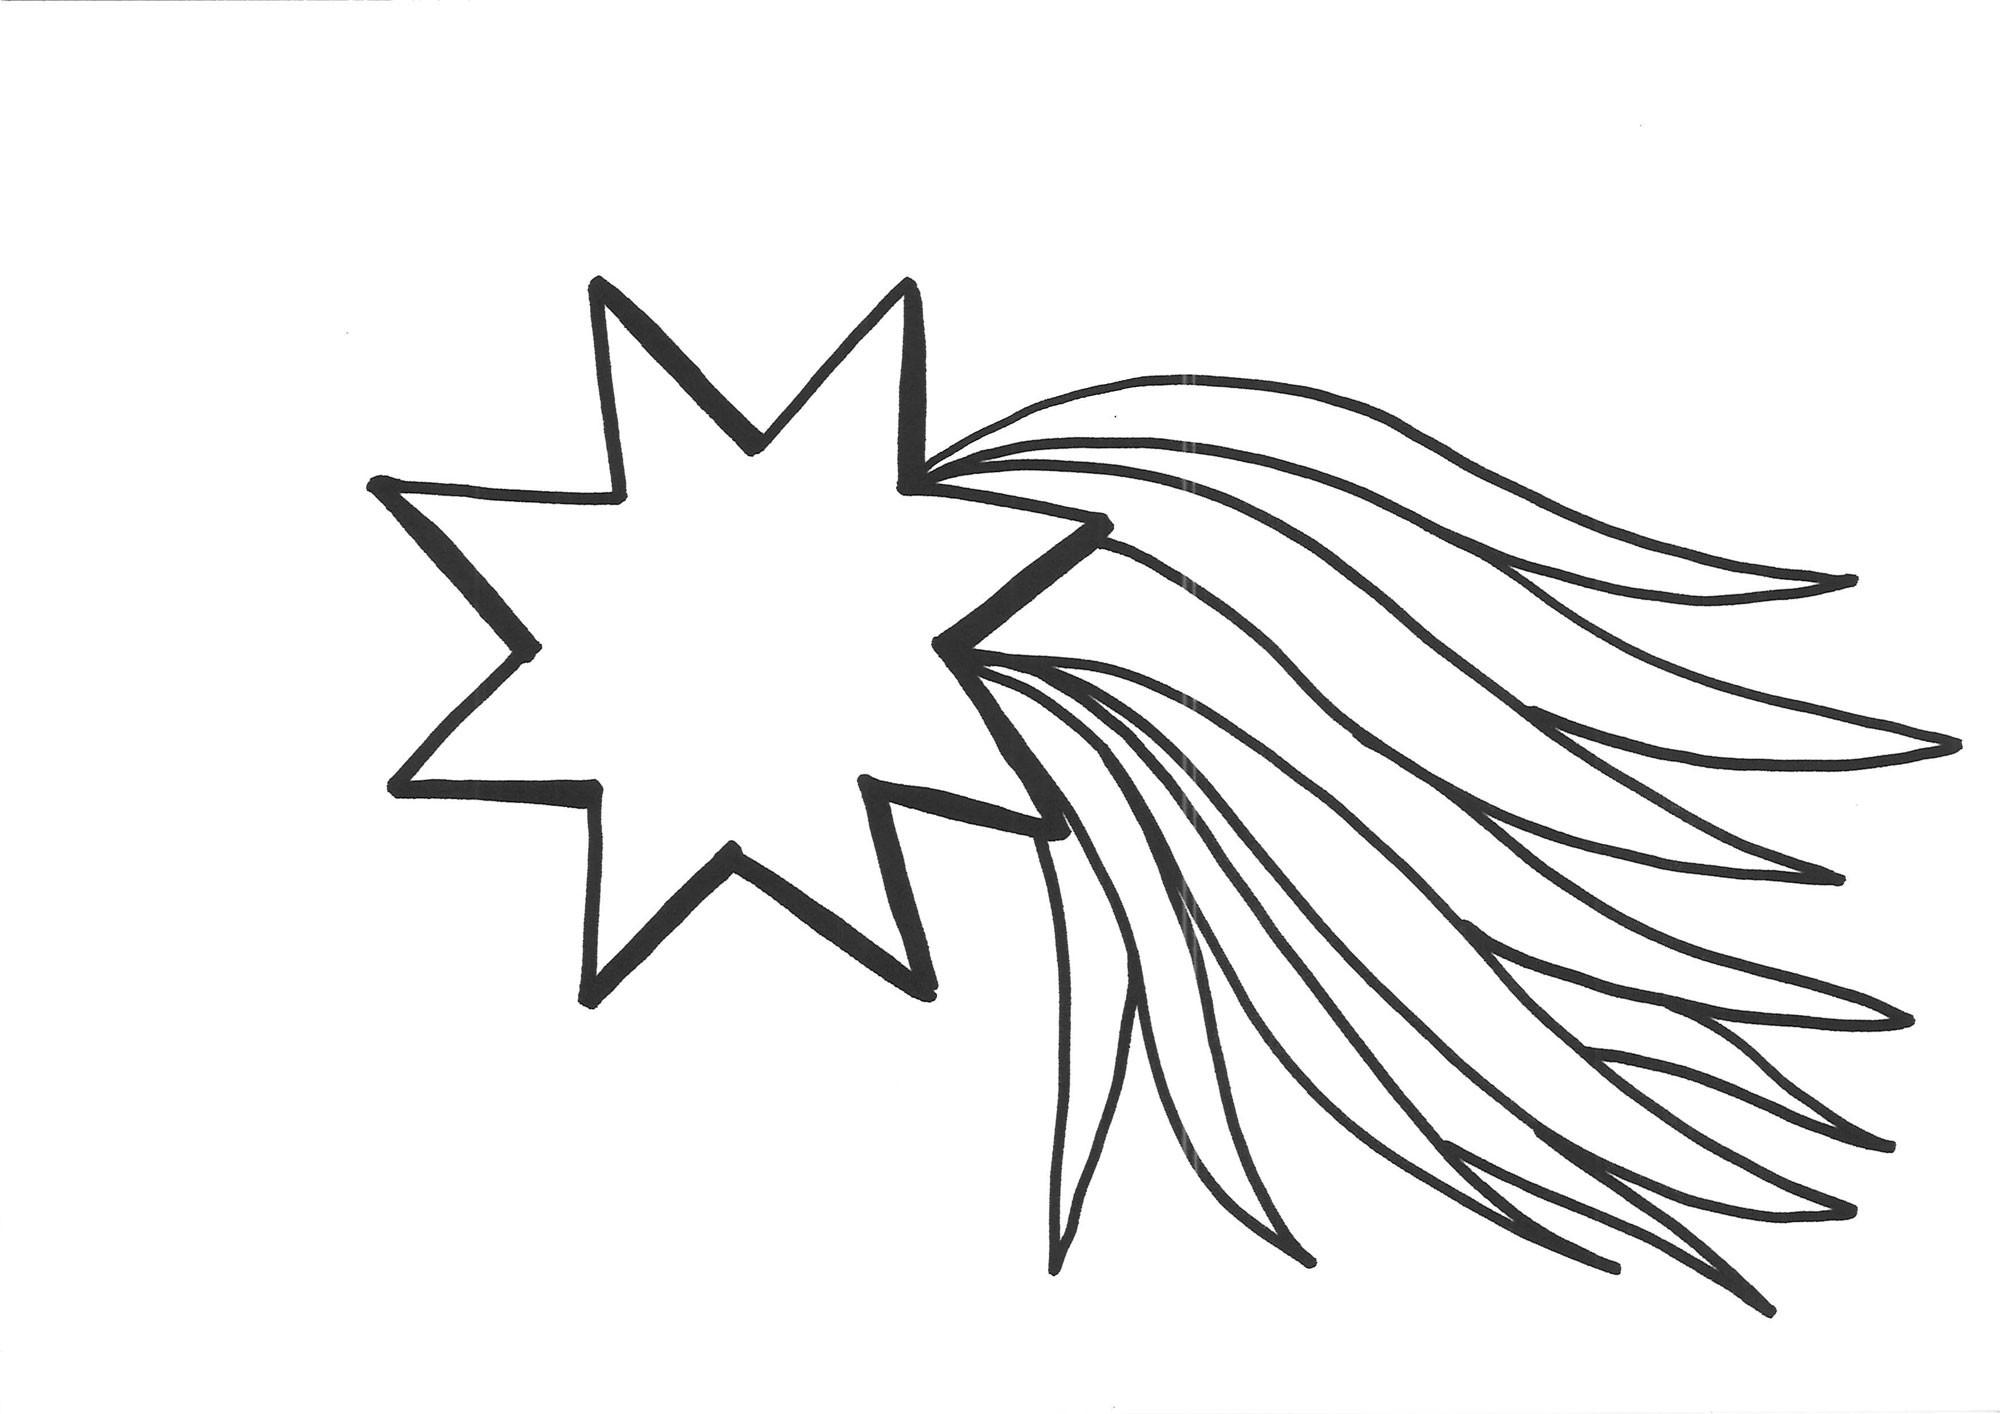 Sterne Ausmalbilder  Kostenlose Malvorlage Schneeflocken und Sterne Malvorlage